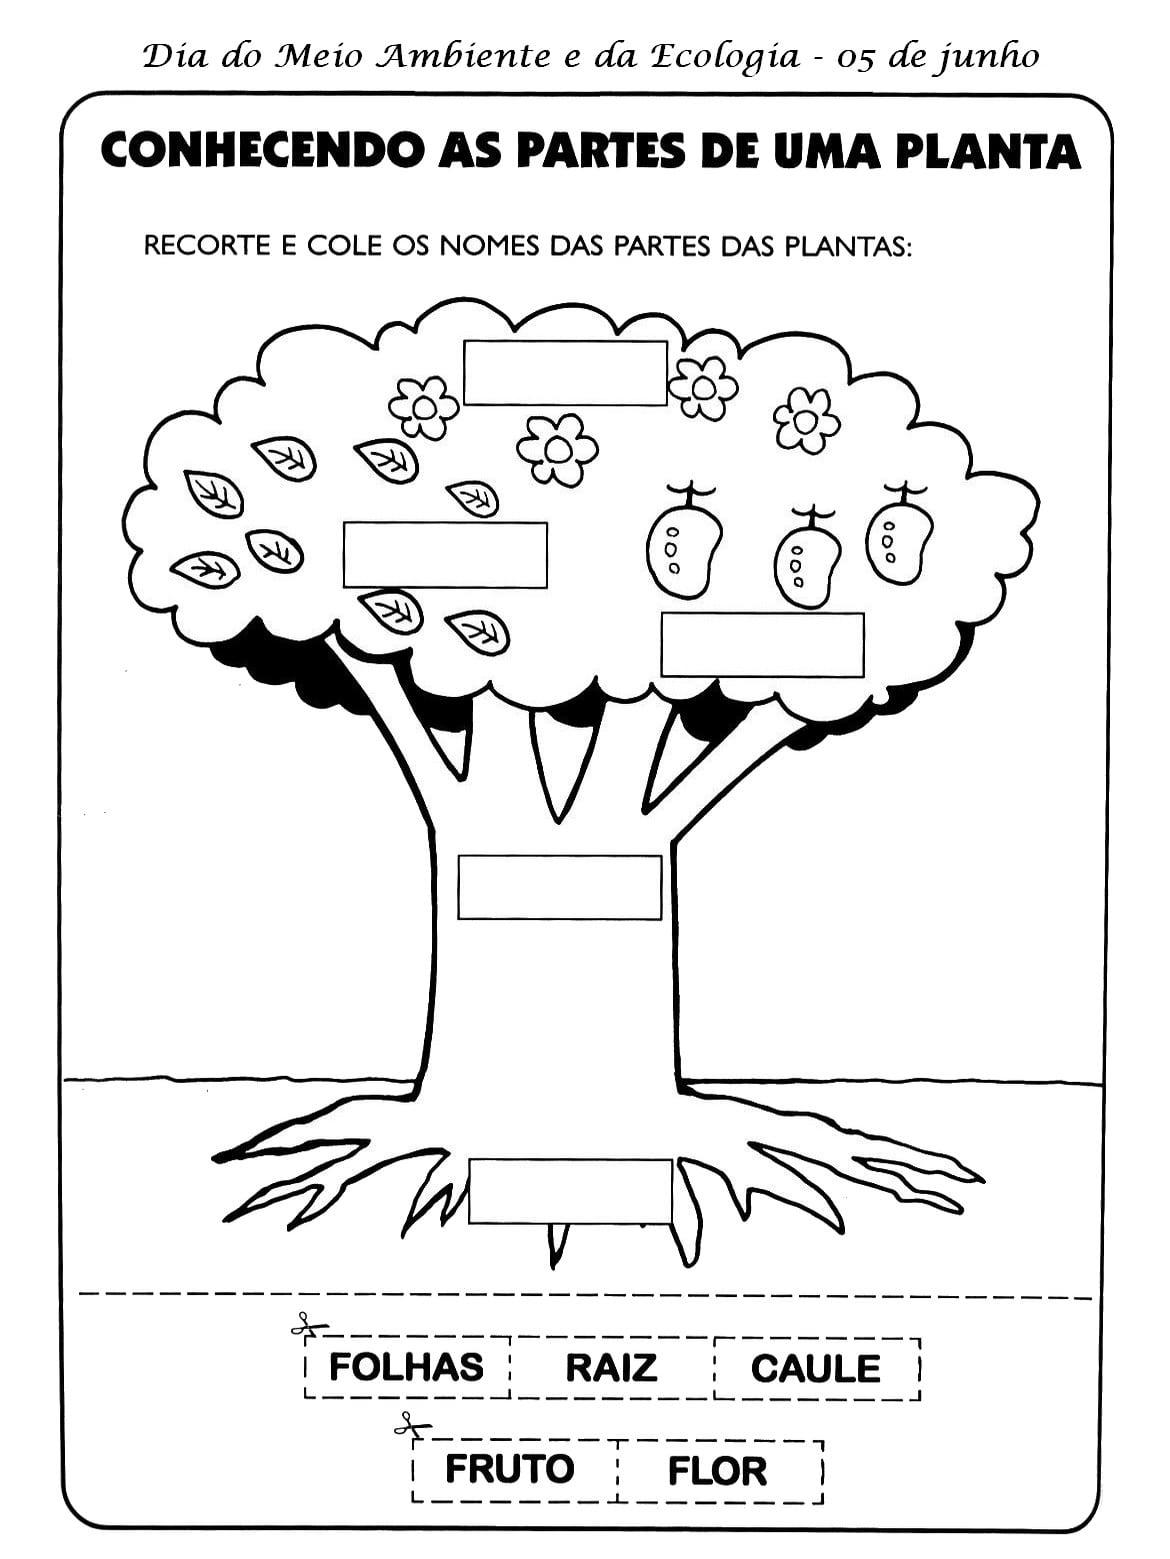 Atividades Meio Ambiente Ecologia árvore Matas Florestas Animais